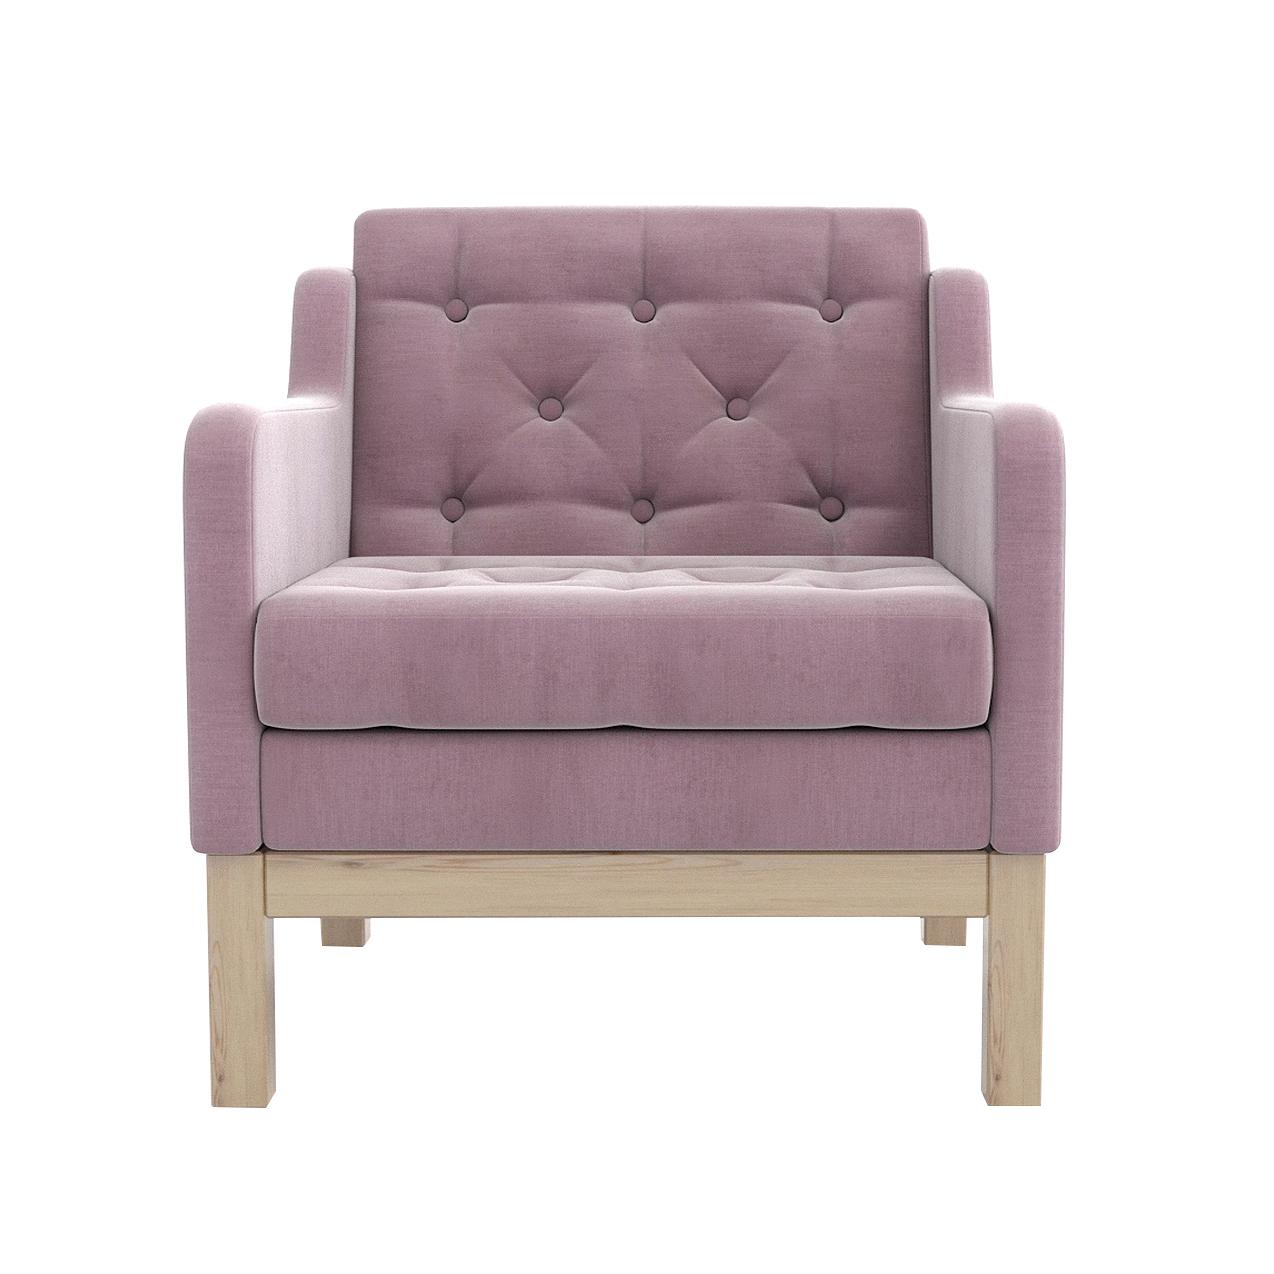 Кресло AS Алана 75.5x82x83 сосна/розовый недорого